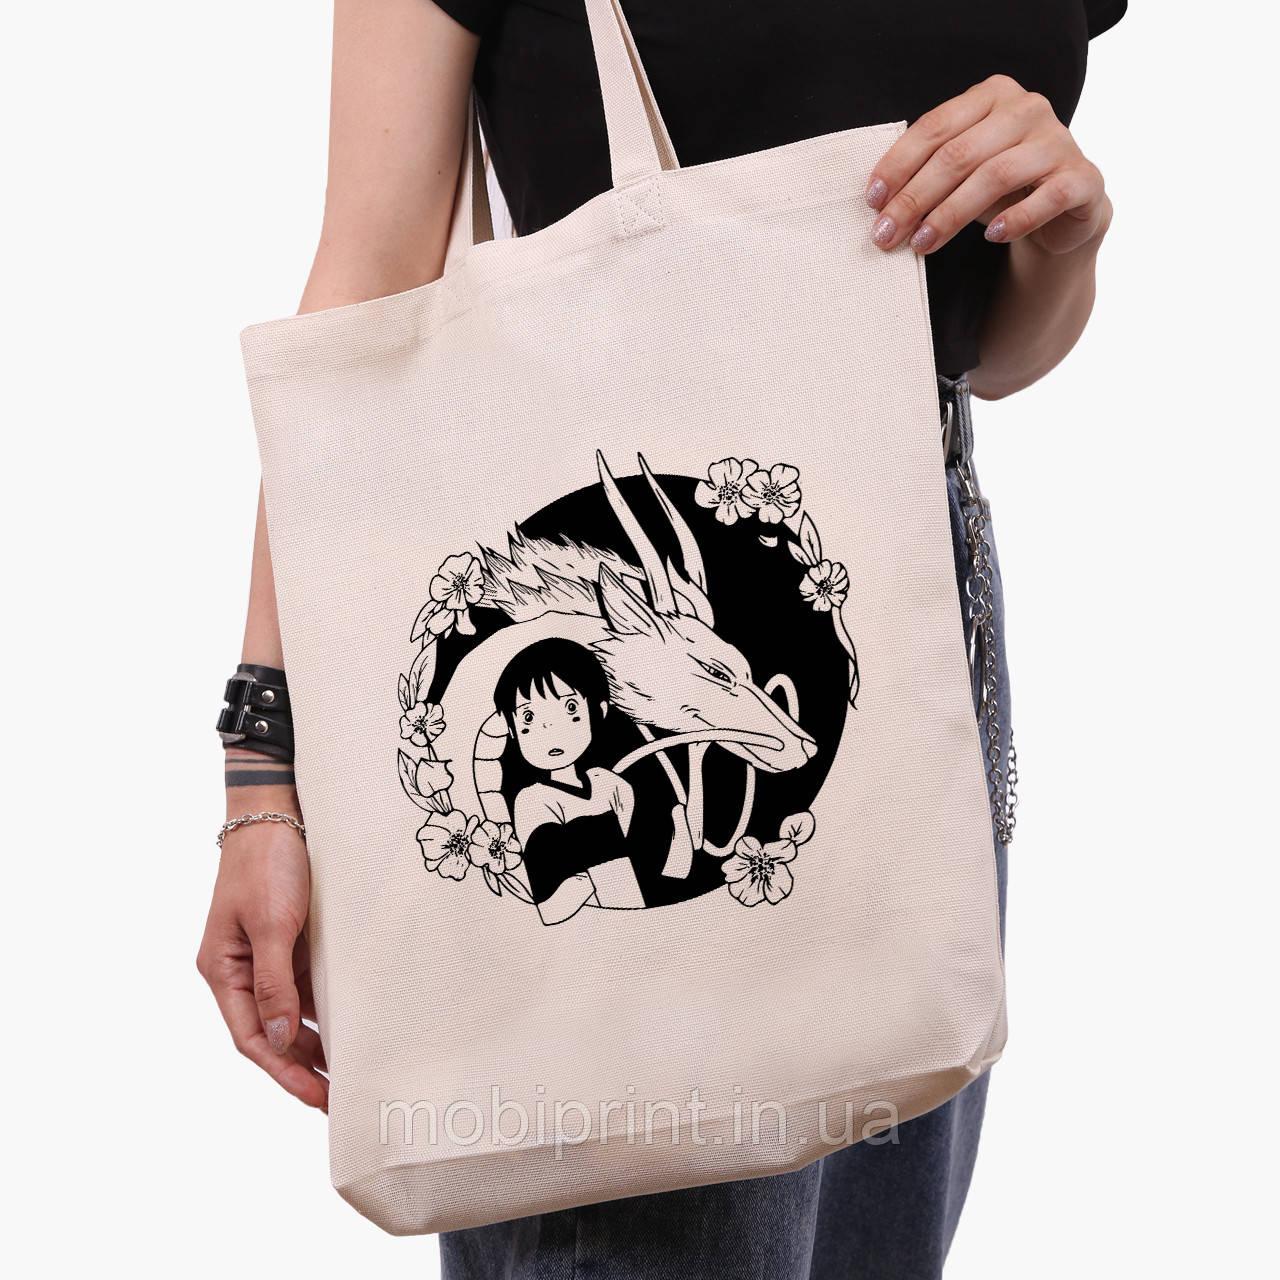 Еко сумка шоппер біла Тихиро Огино Сен і Хаку Віднесені примарами (Spirited Away) (9227-2647-1) 41*39*8 см